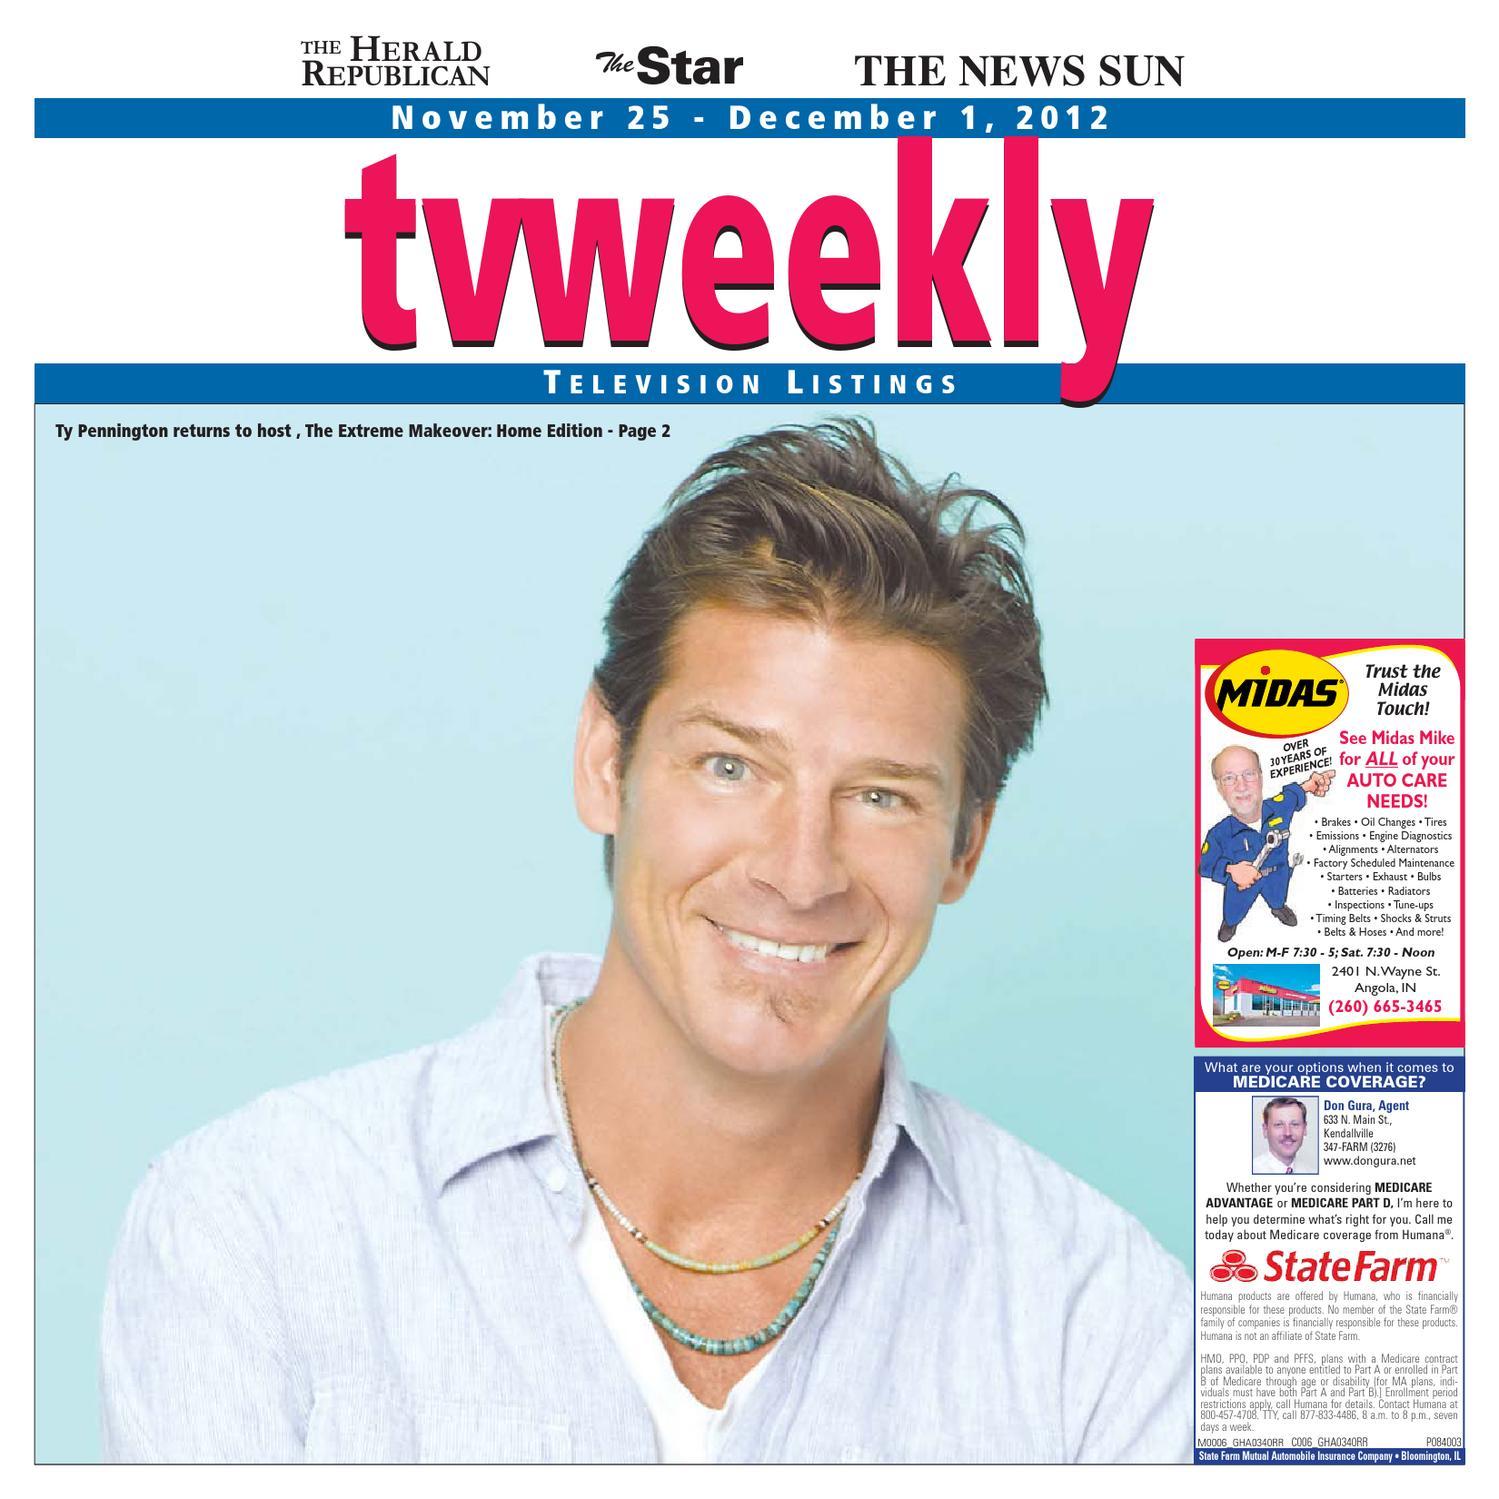 Tv Weekly Nov 25 2012 By Kpc Media Group Issuu